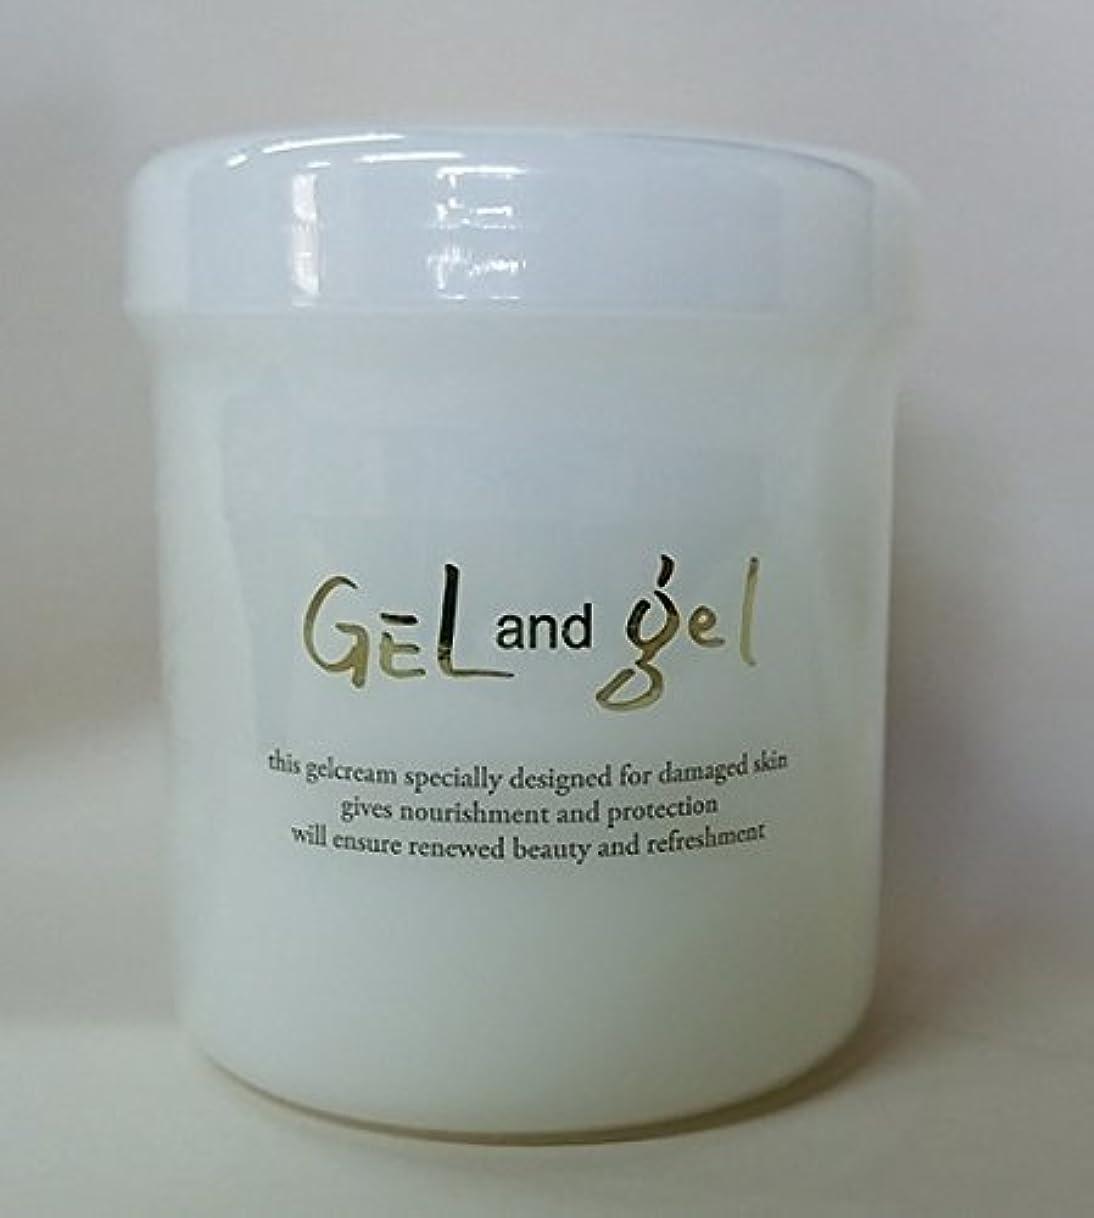 副適合する貢献する天然 ゲルアンドゲル ゲルクリーム 500g レギュラータイプ